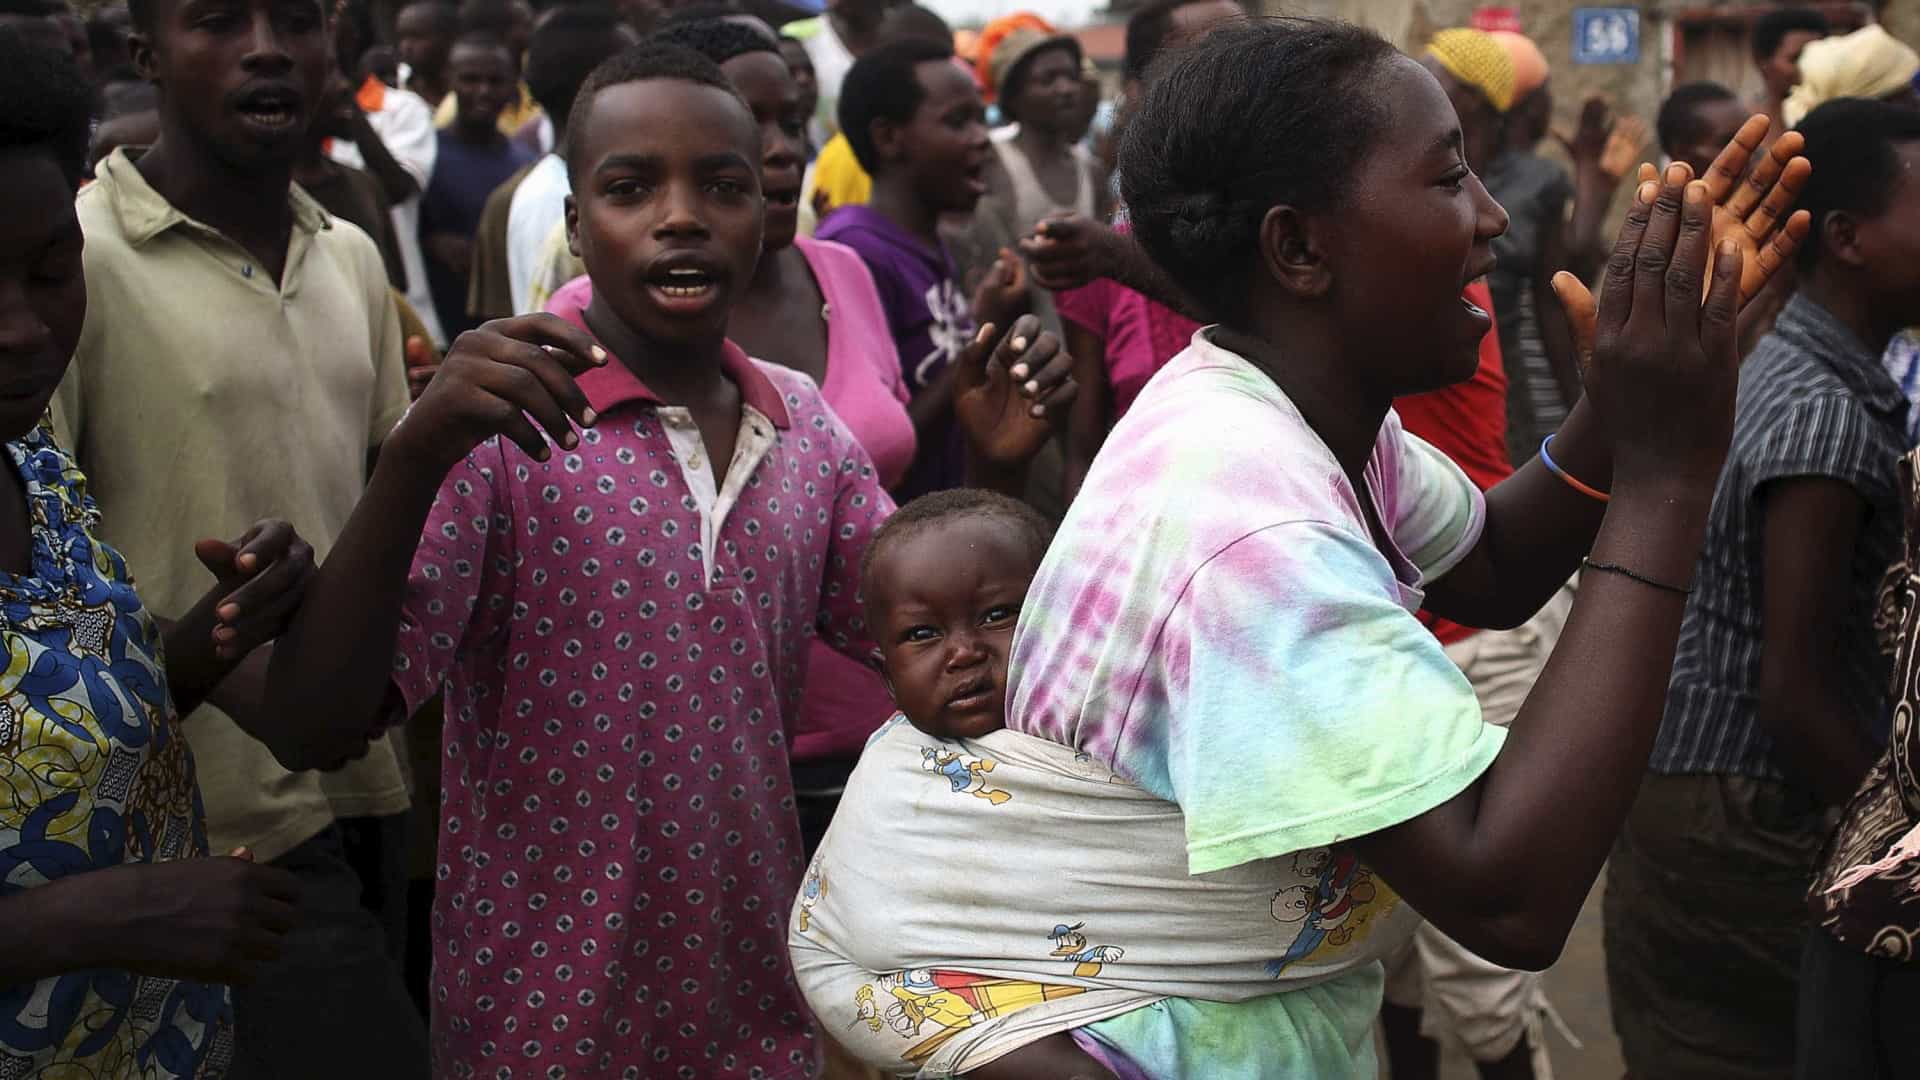 Dezoito refugiados do Burundi mortos por militares no Congo